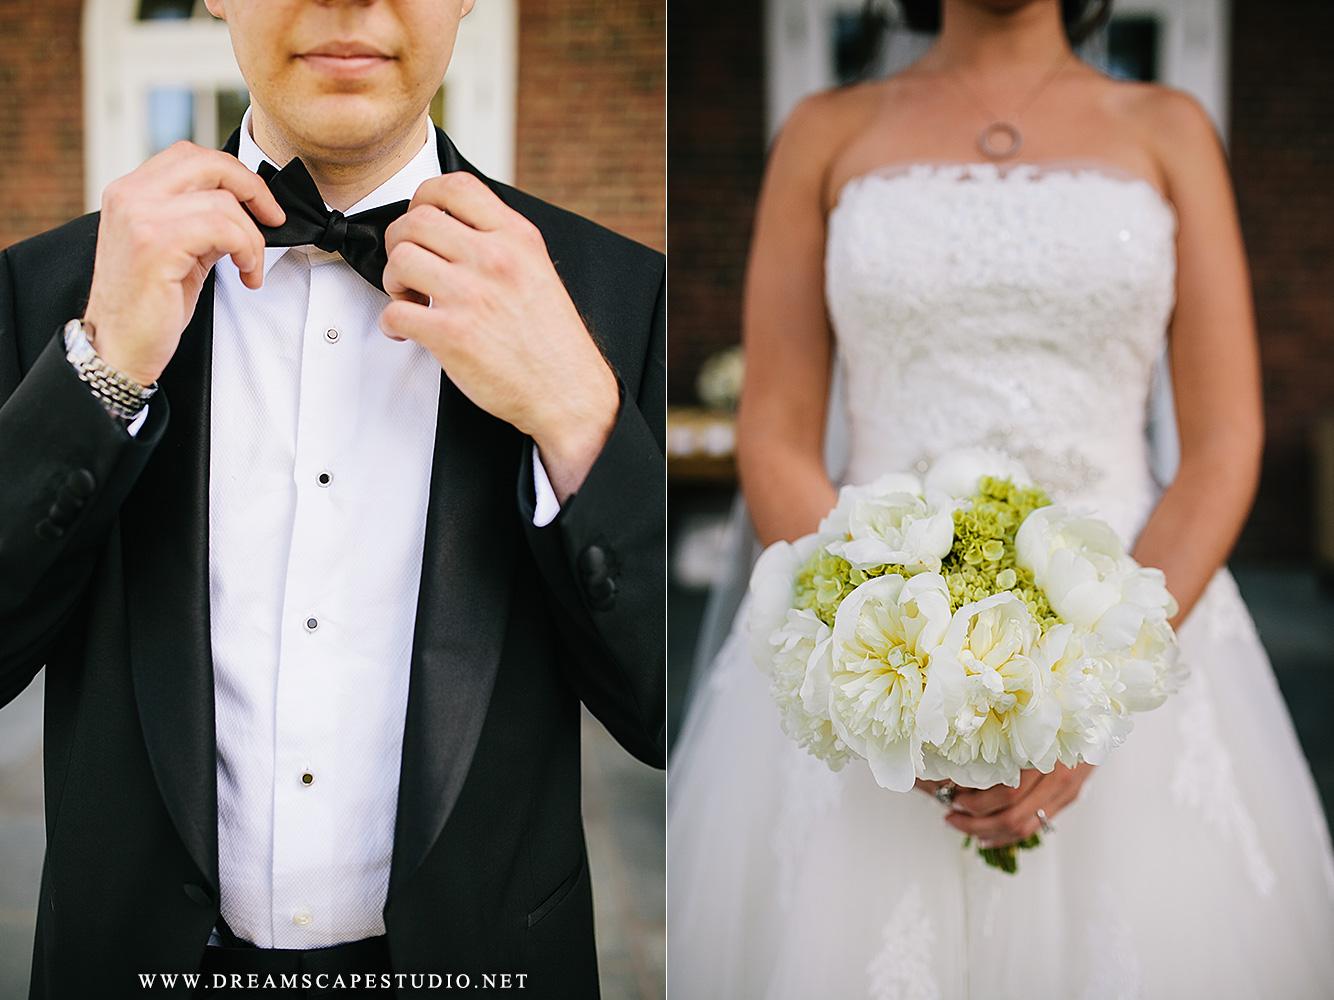 NY_Wedding_Photographer_JeRy_11.jpg